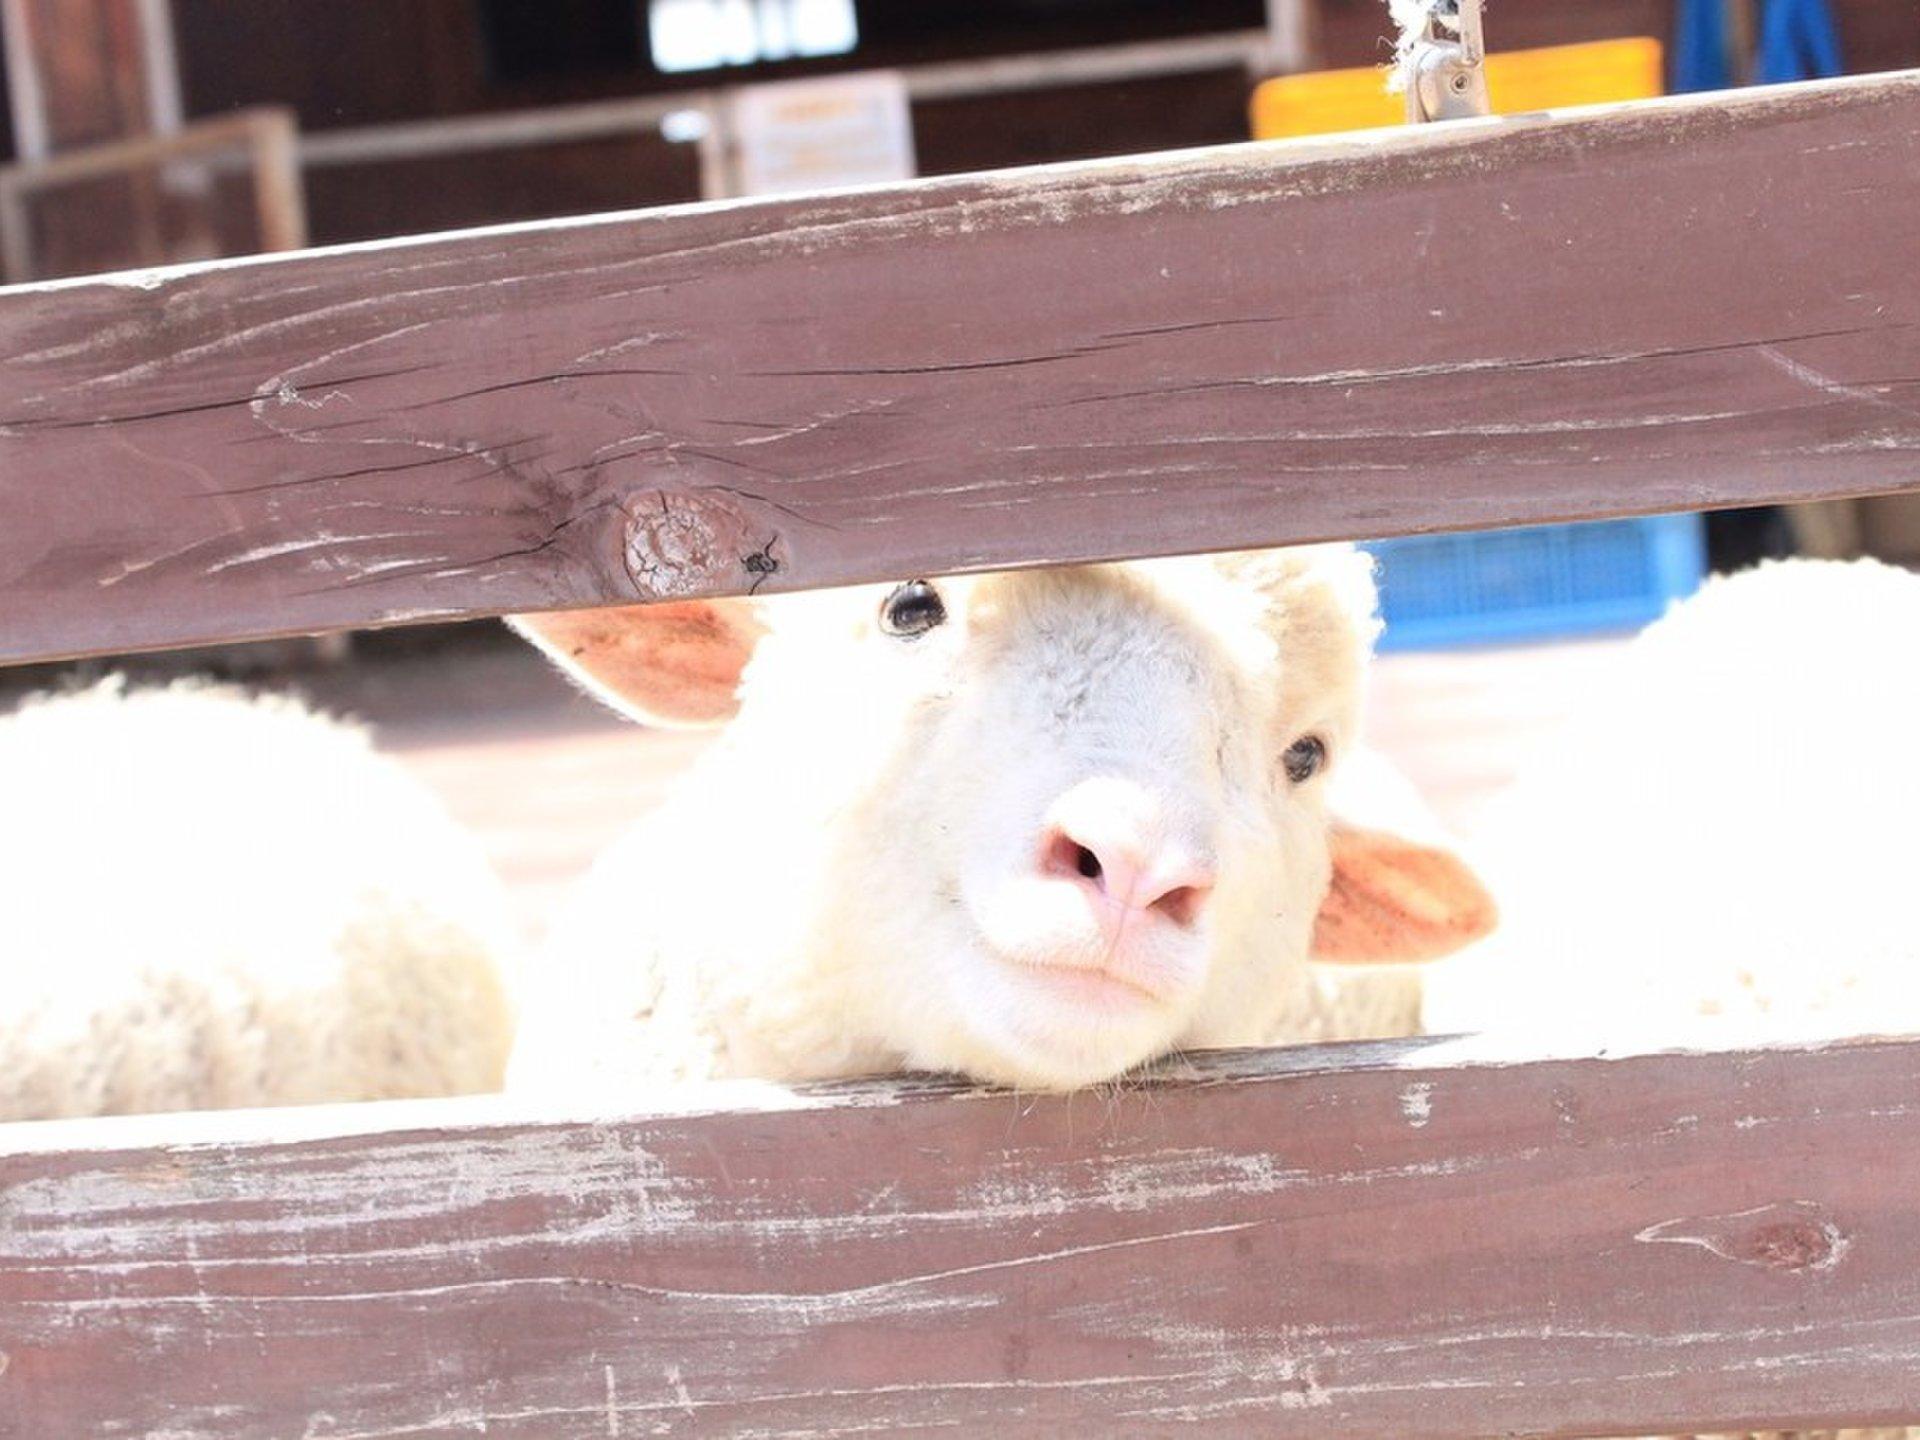 熊本県民おすすめ!赤ちゃんと癒しの熊本温泉旅行♪キッズ歓迎宿&グルメ観光モデルコースをご紹介